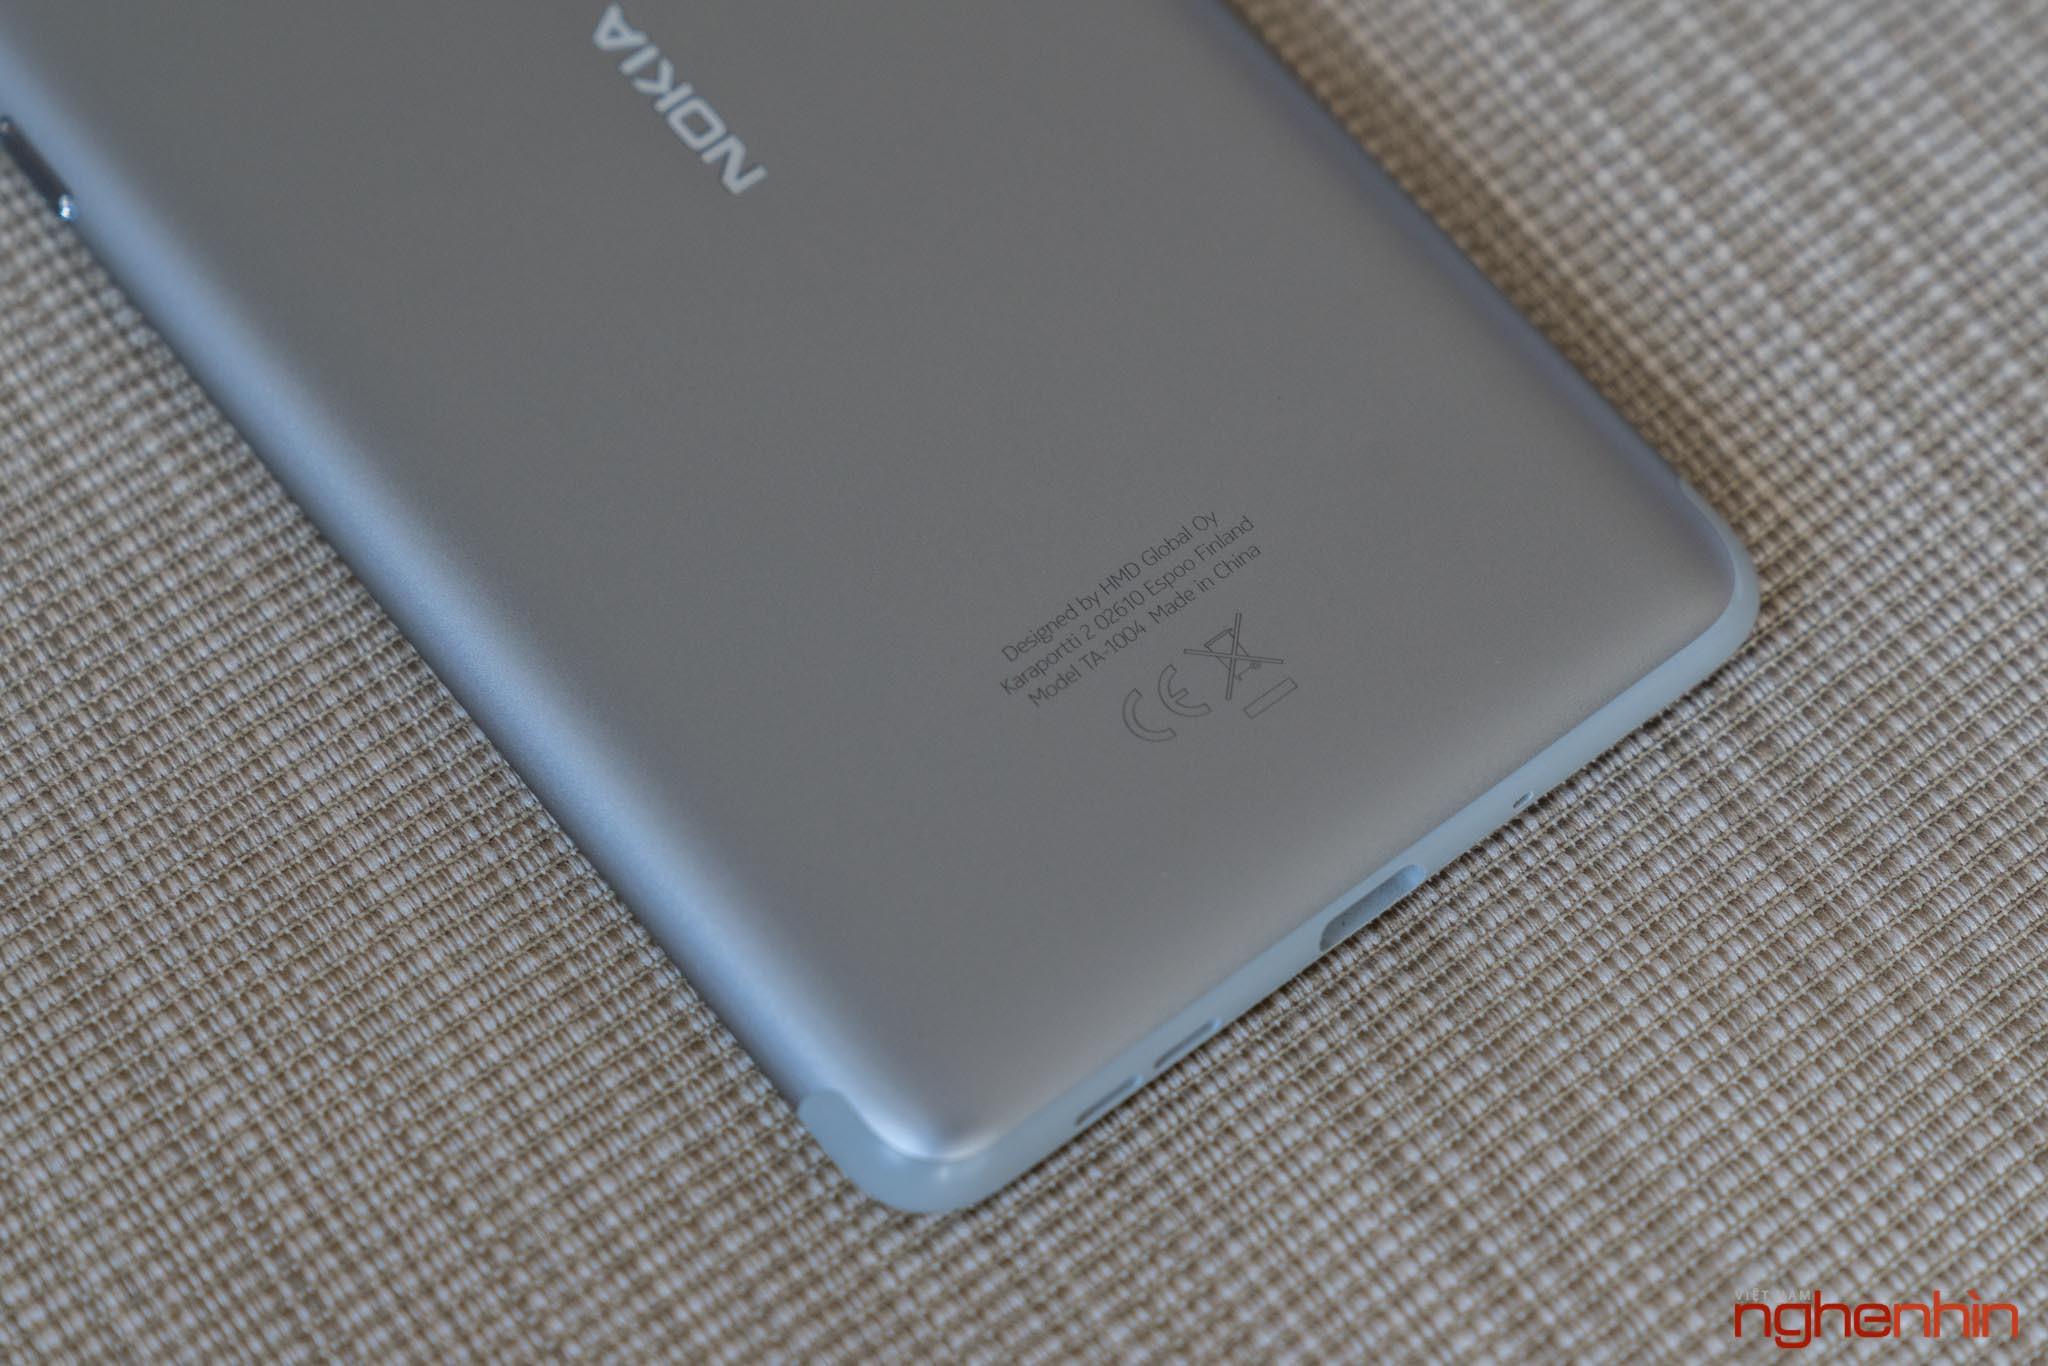 Mở hộp Nokia 8 chính hãng: hoàn thiện cao cấp, camera kép ống kính Zeiss ảnh 11